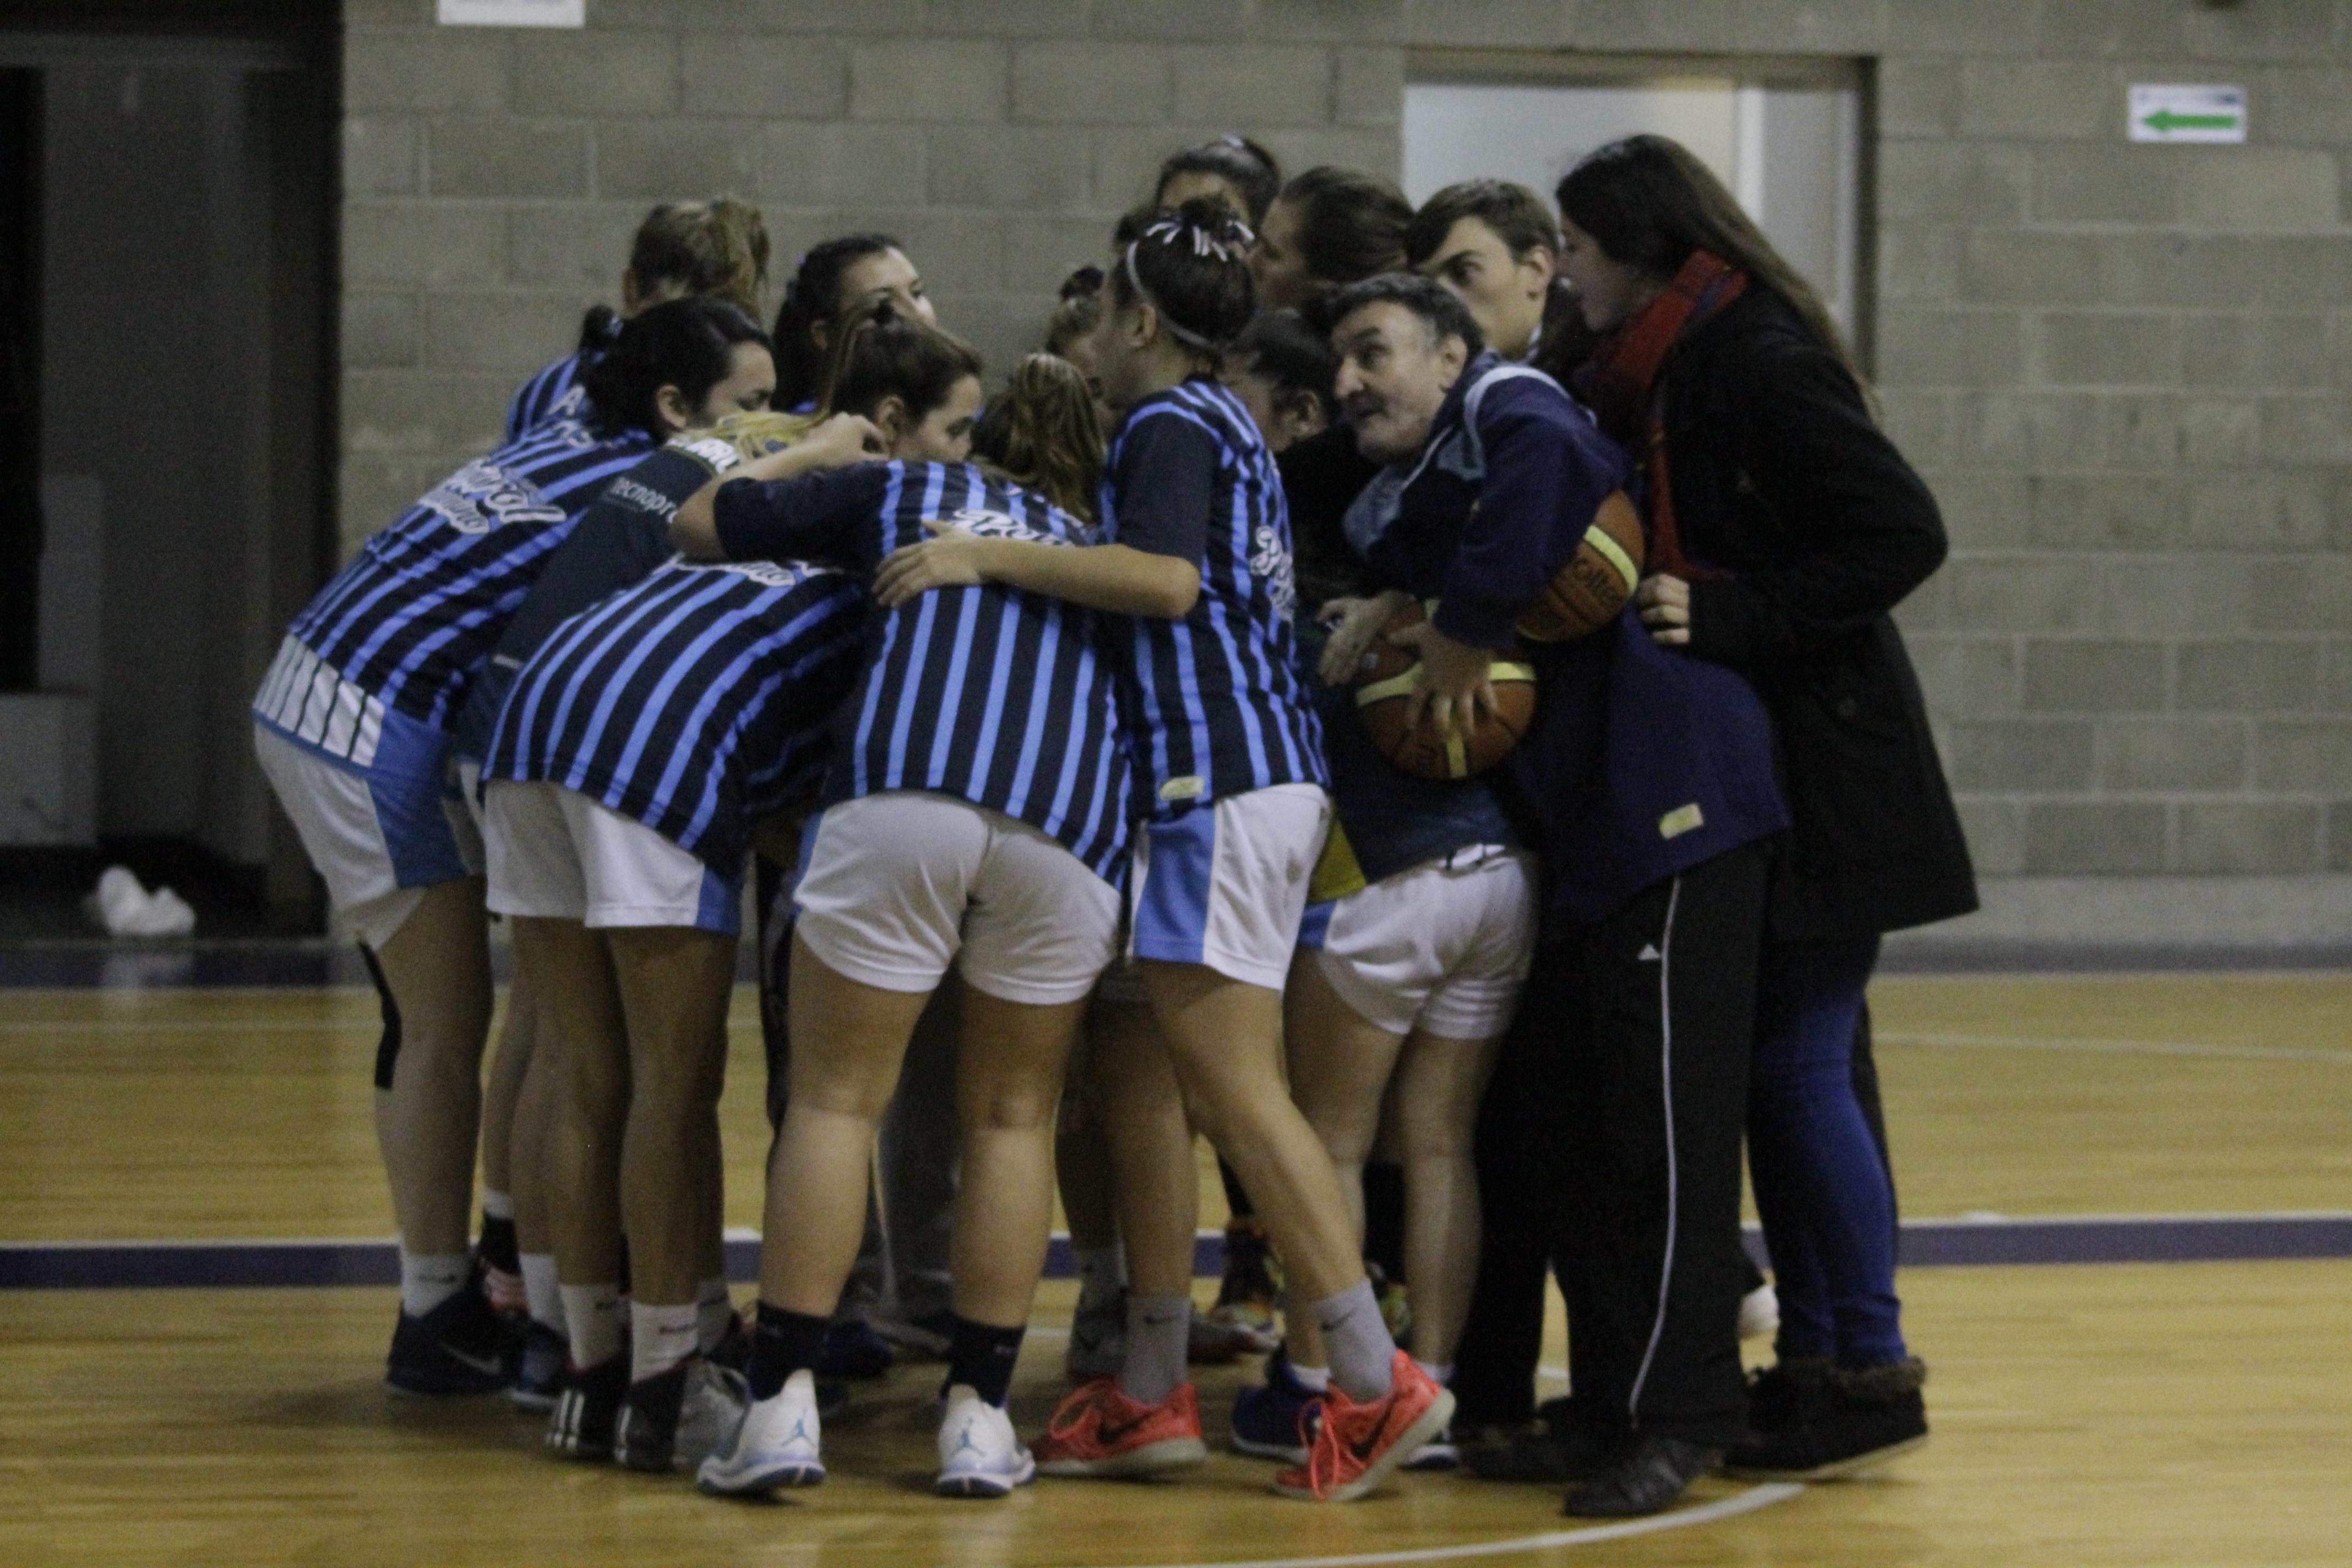 El plantel del Federal Femenino está definido para la semifinal. (Foto: Evelin Jerez - Prensa Peñarol)